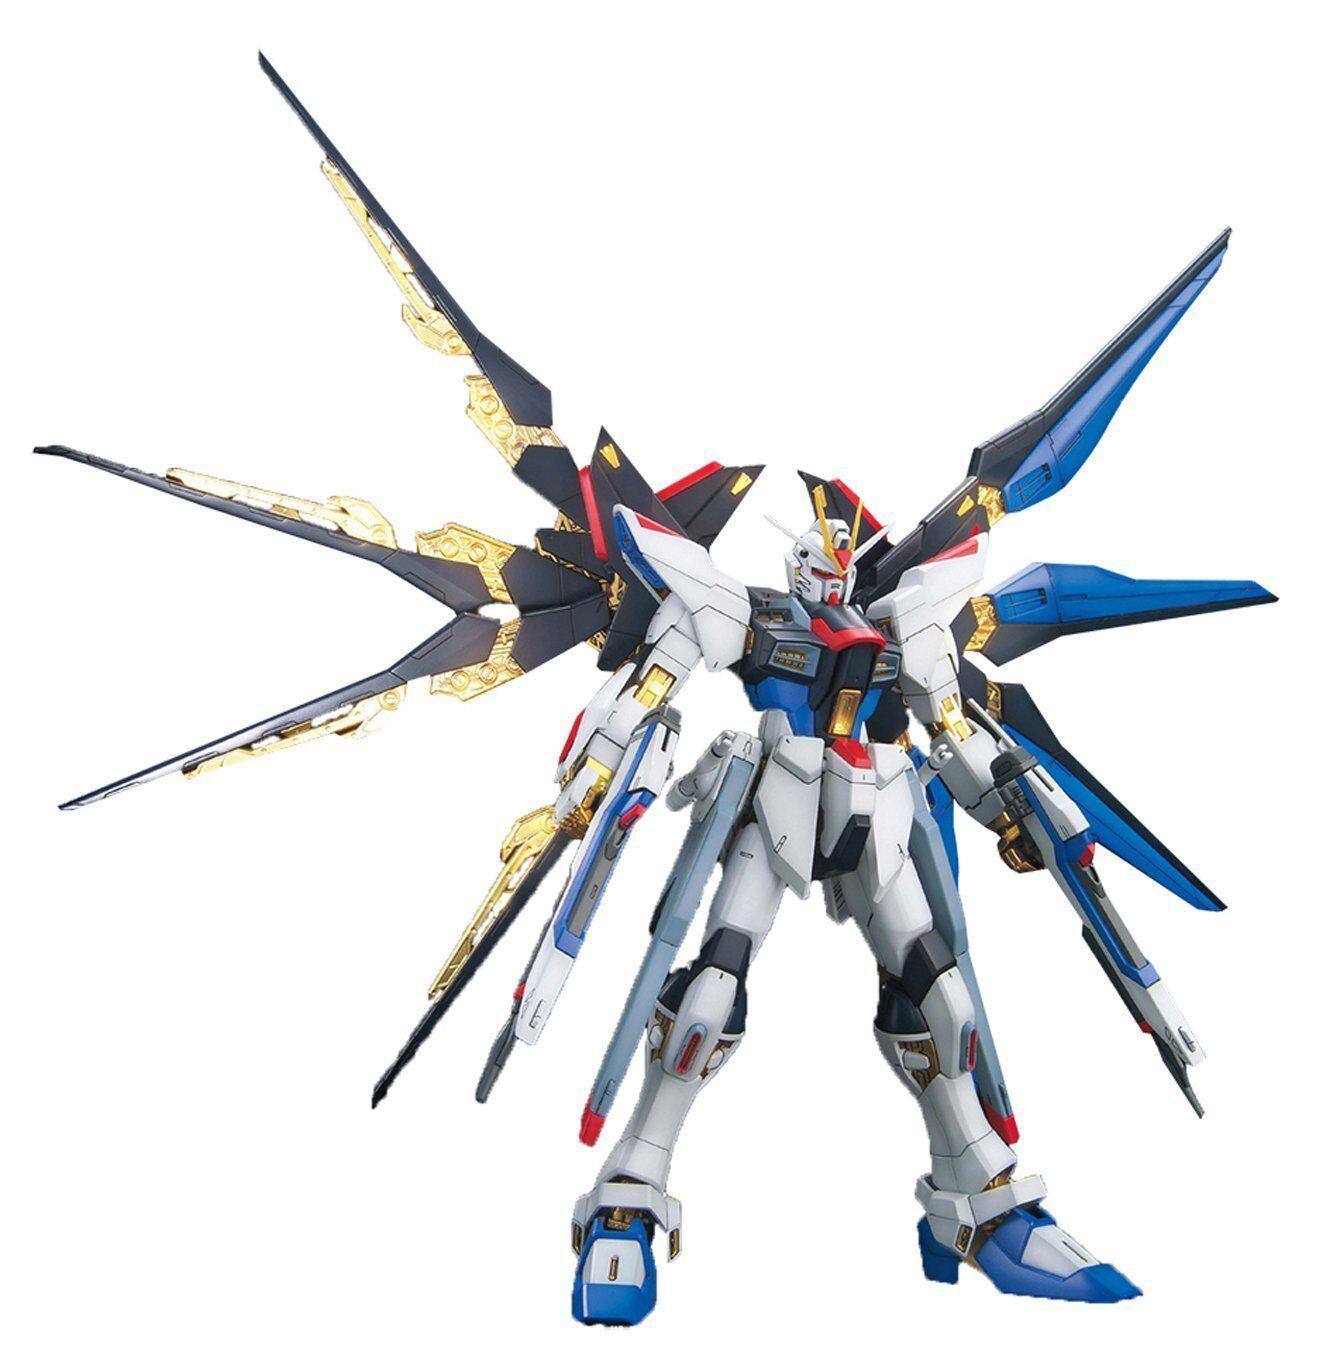 Gundam Seed ZGMF -X20A Strike fridom Gundam Full Burst Mode 1  100 MG modellllerlerl Kit